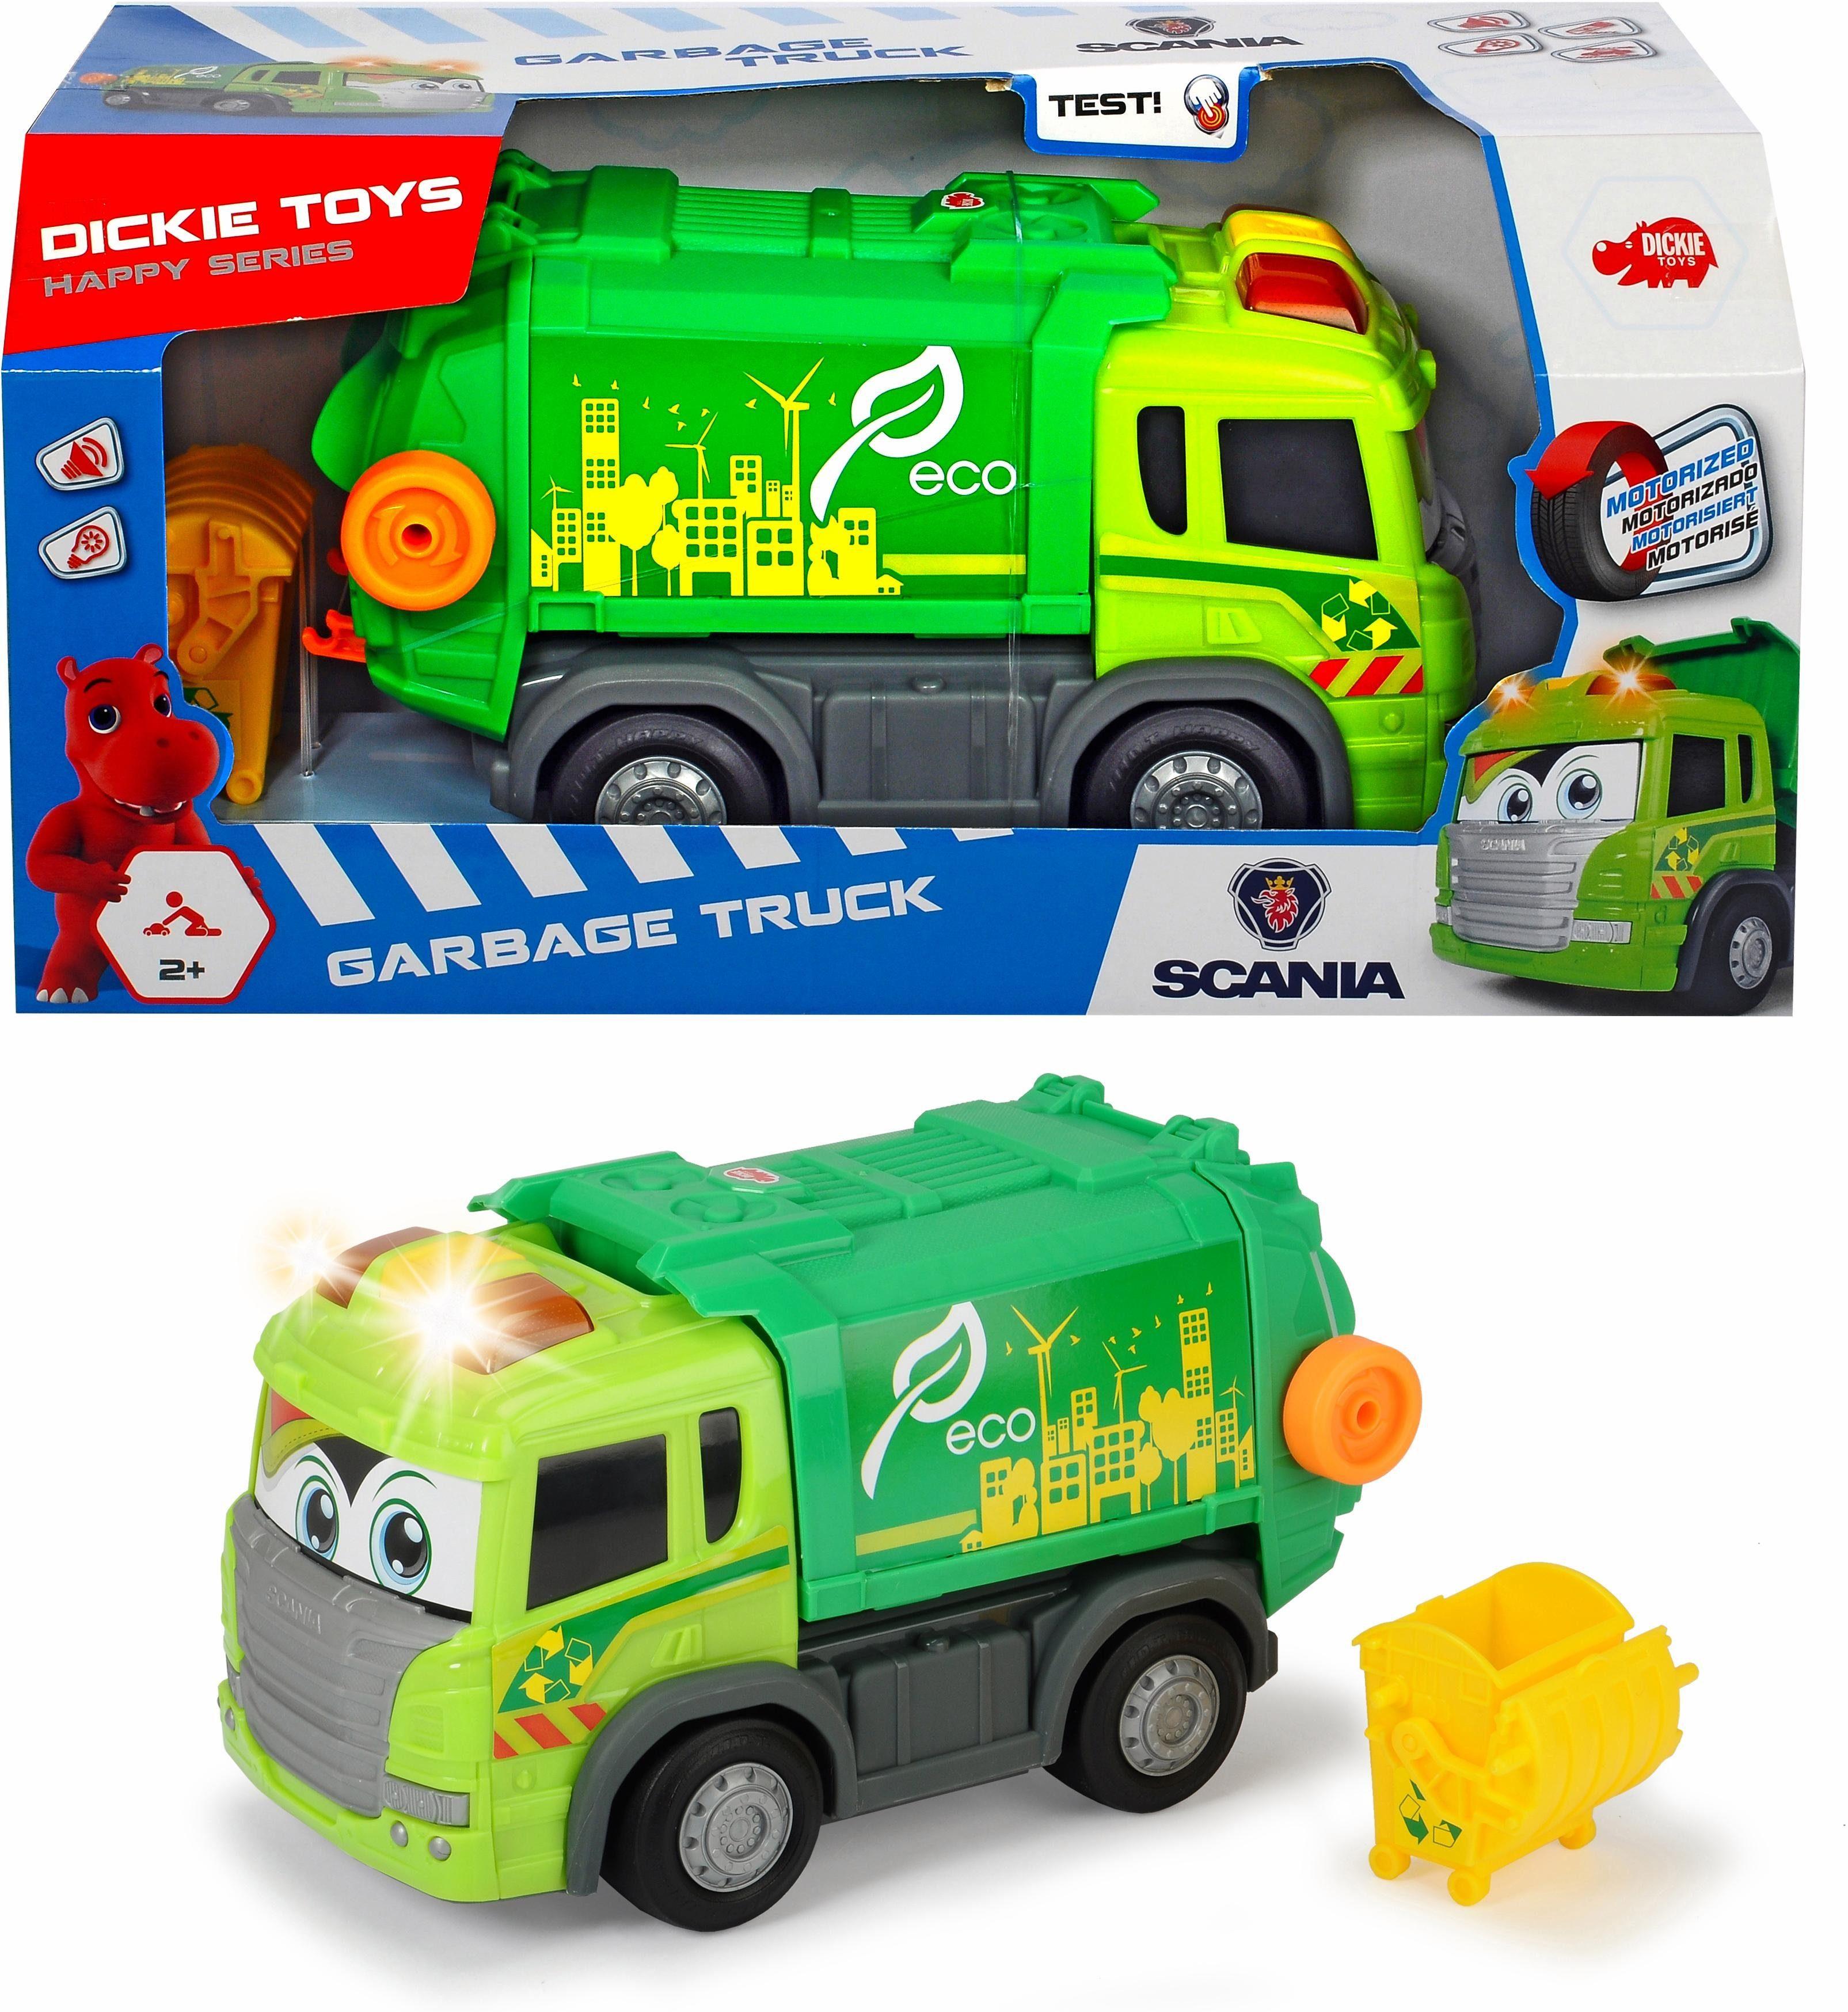 Dickie Toys Spielzeug Müllabfuhr LKW motorisiert, »Happy Scania Garbage Truck«